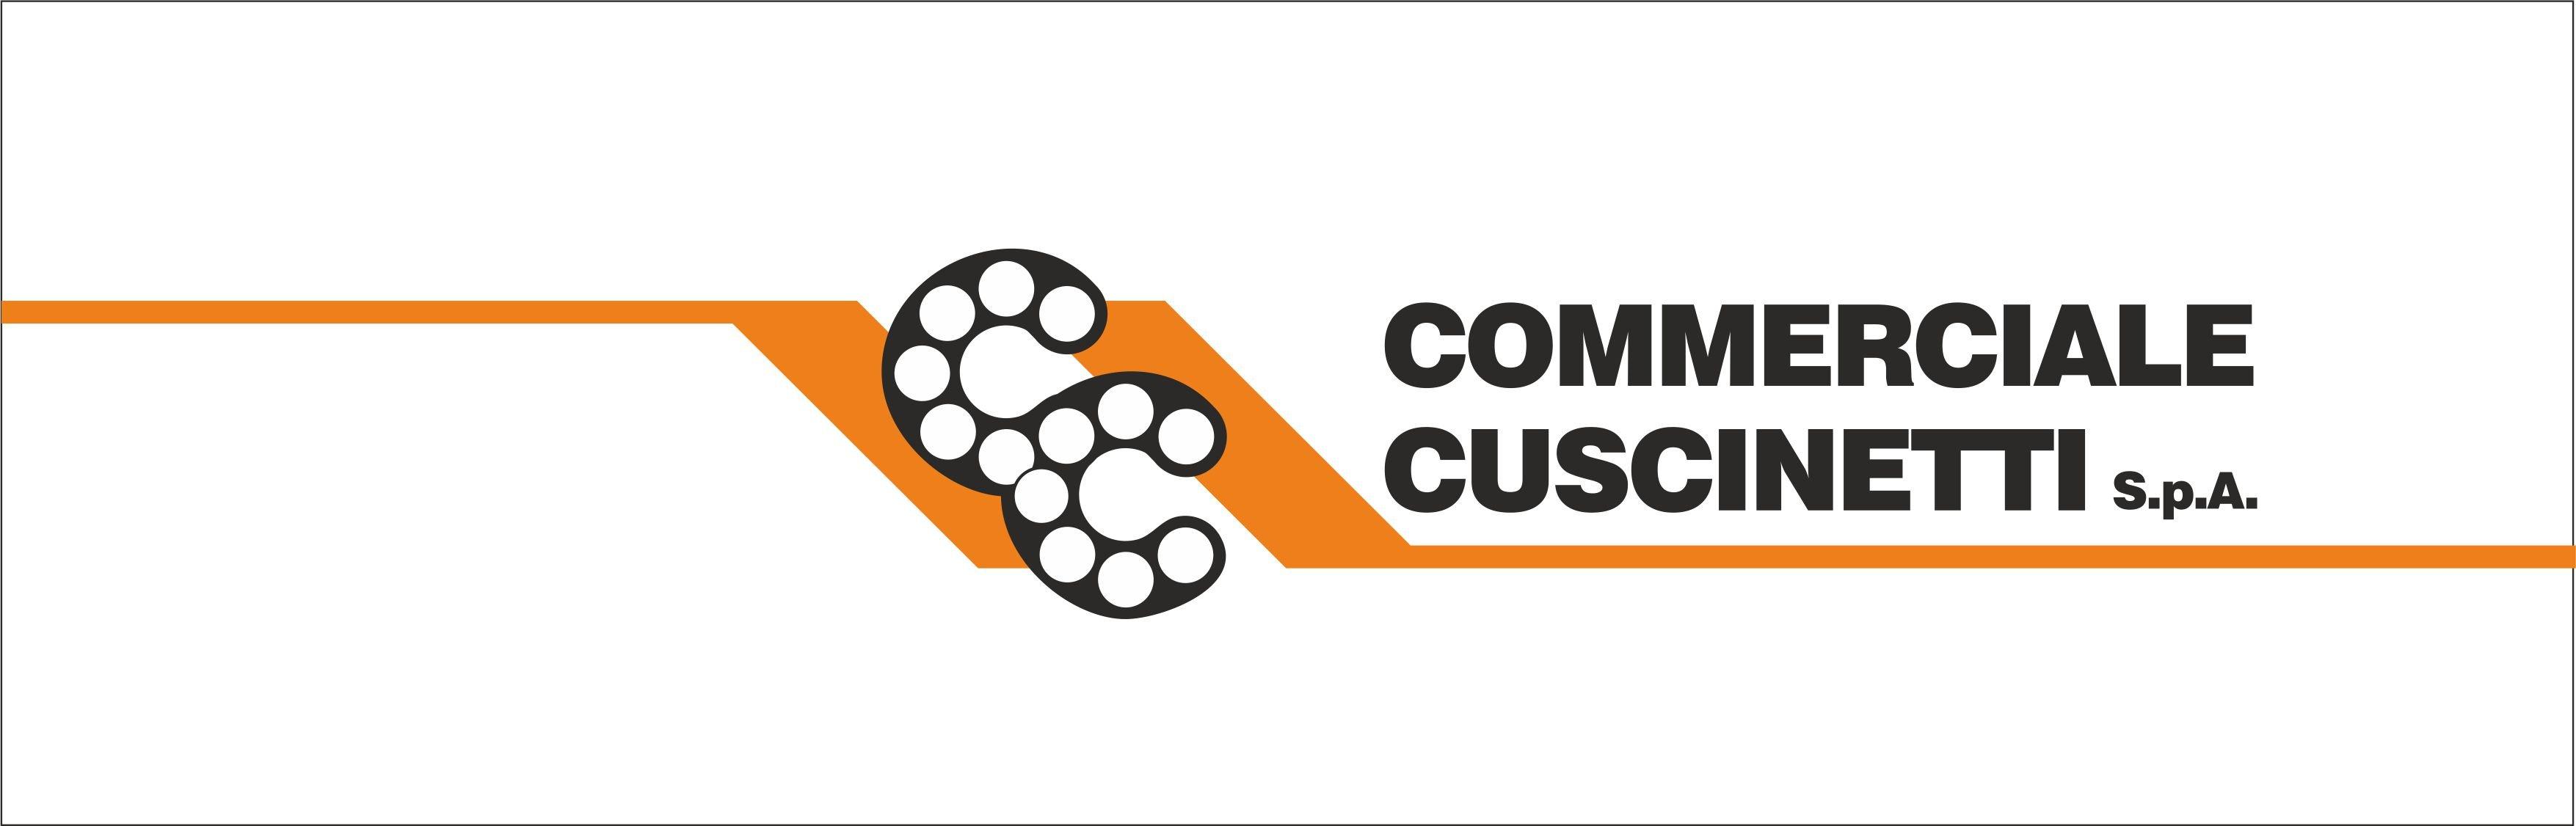 Commerciale cuscinetti spa logo